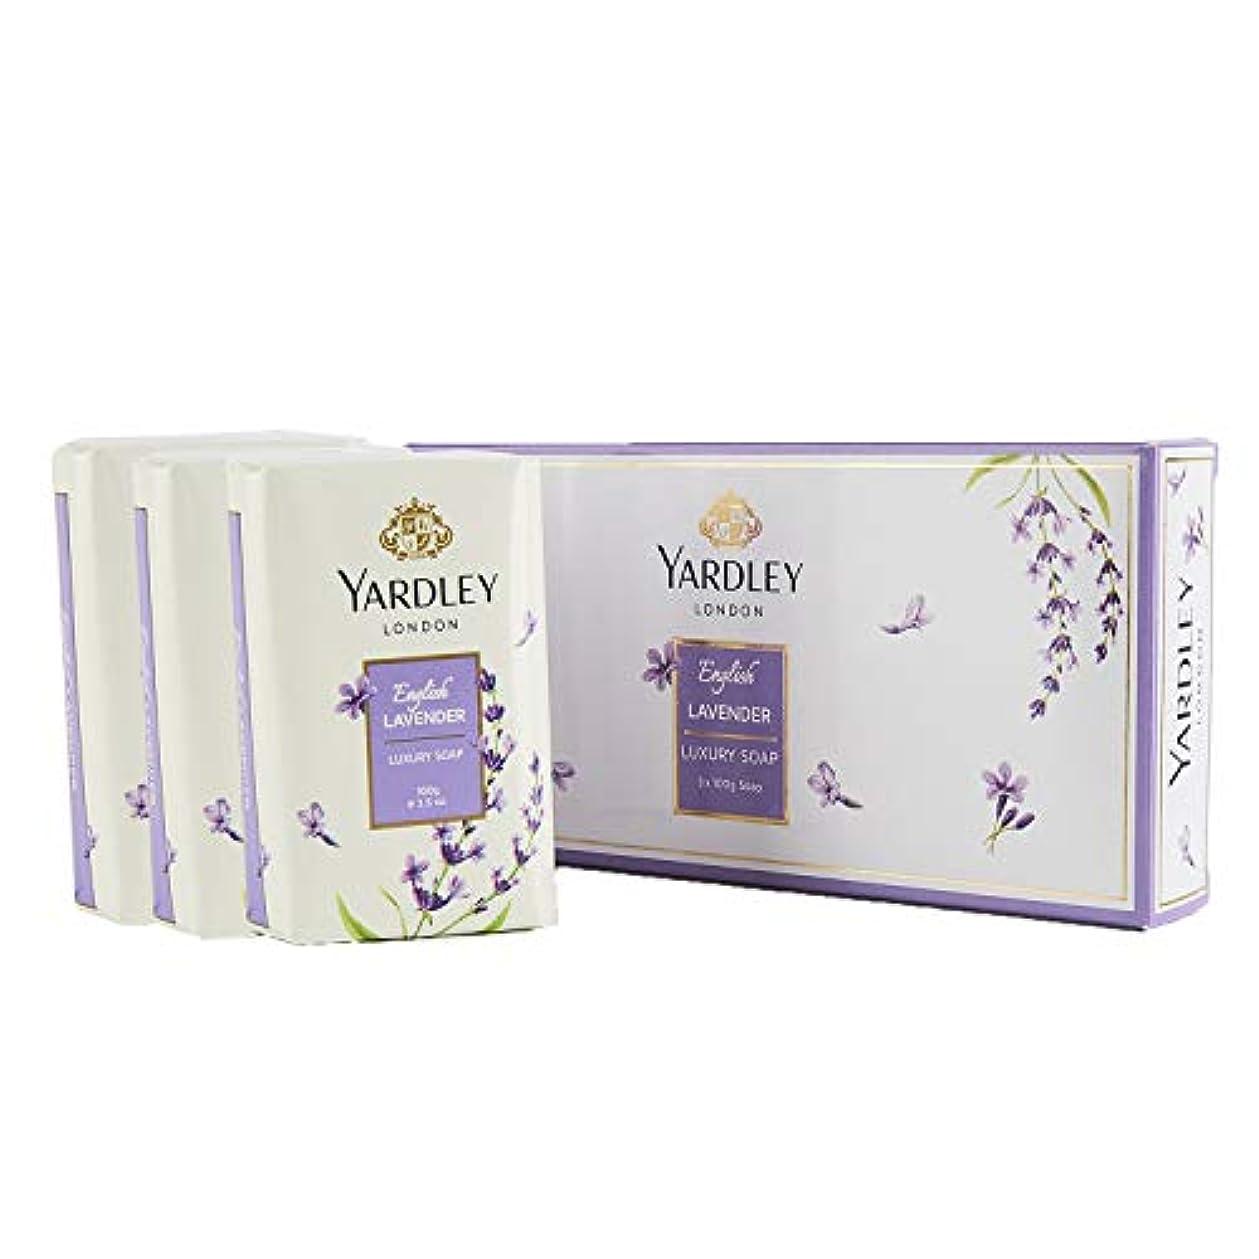 ジョージハンブリーミスいたずらYardley English Lavender Luxury Soap, 3x100gm